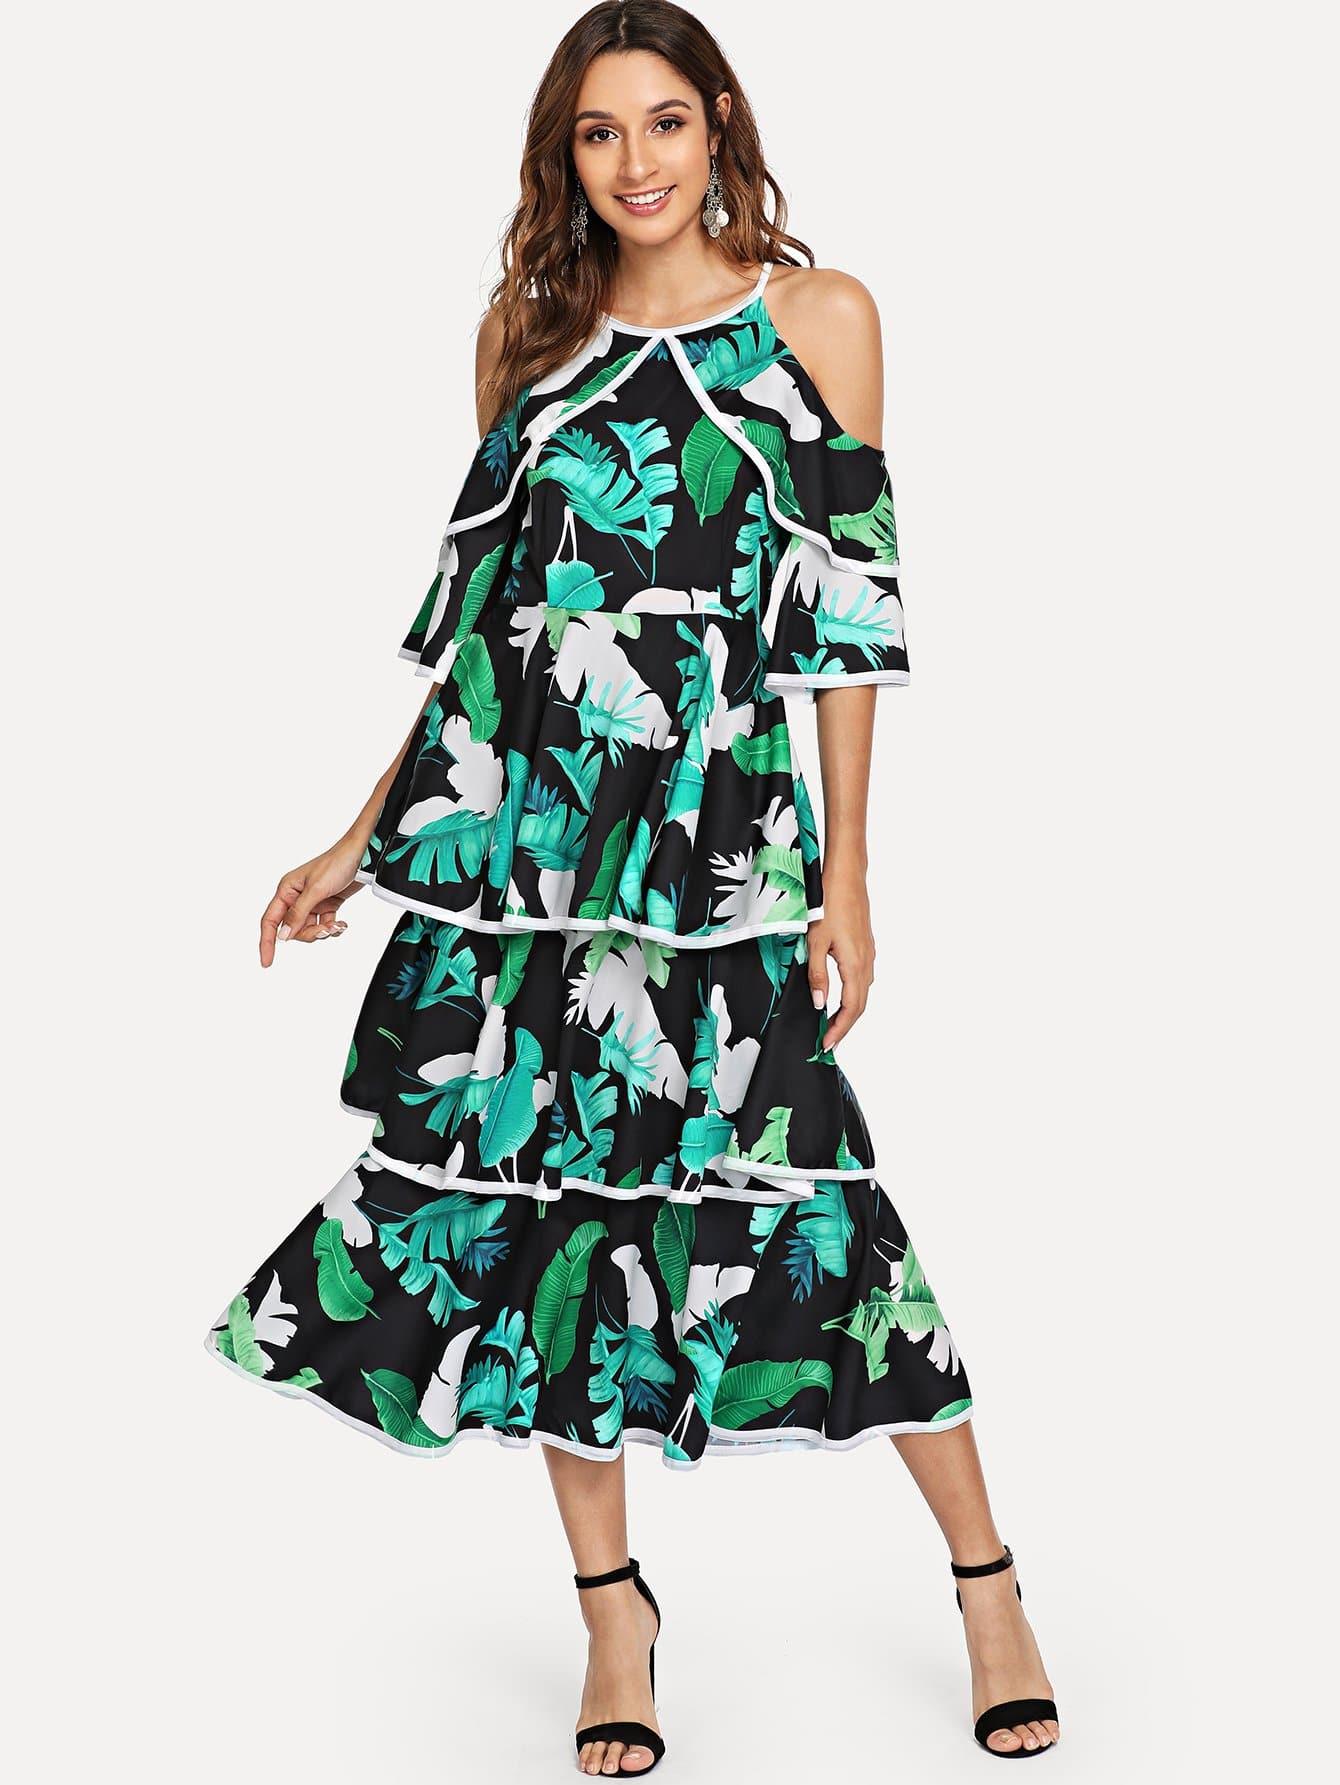 Купить Накрахмаленное платье без бретелек и со симметрическими Binding, Gabi B, SheIn